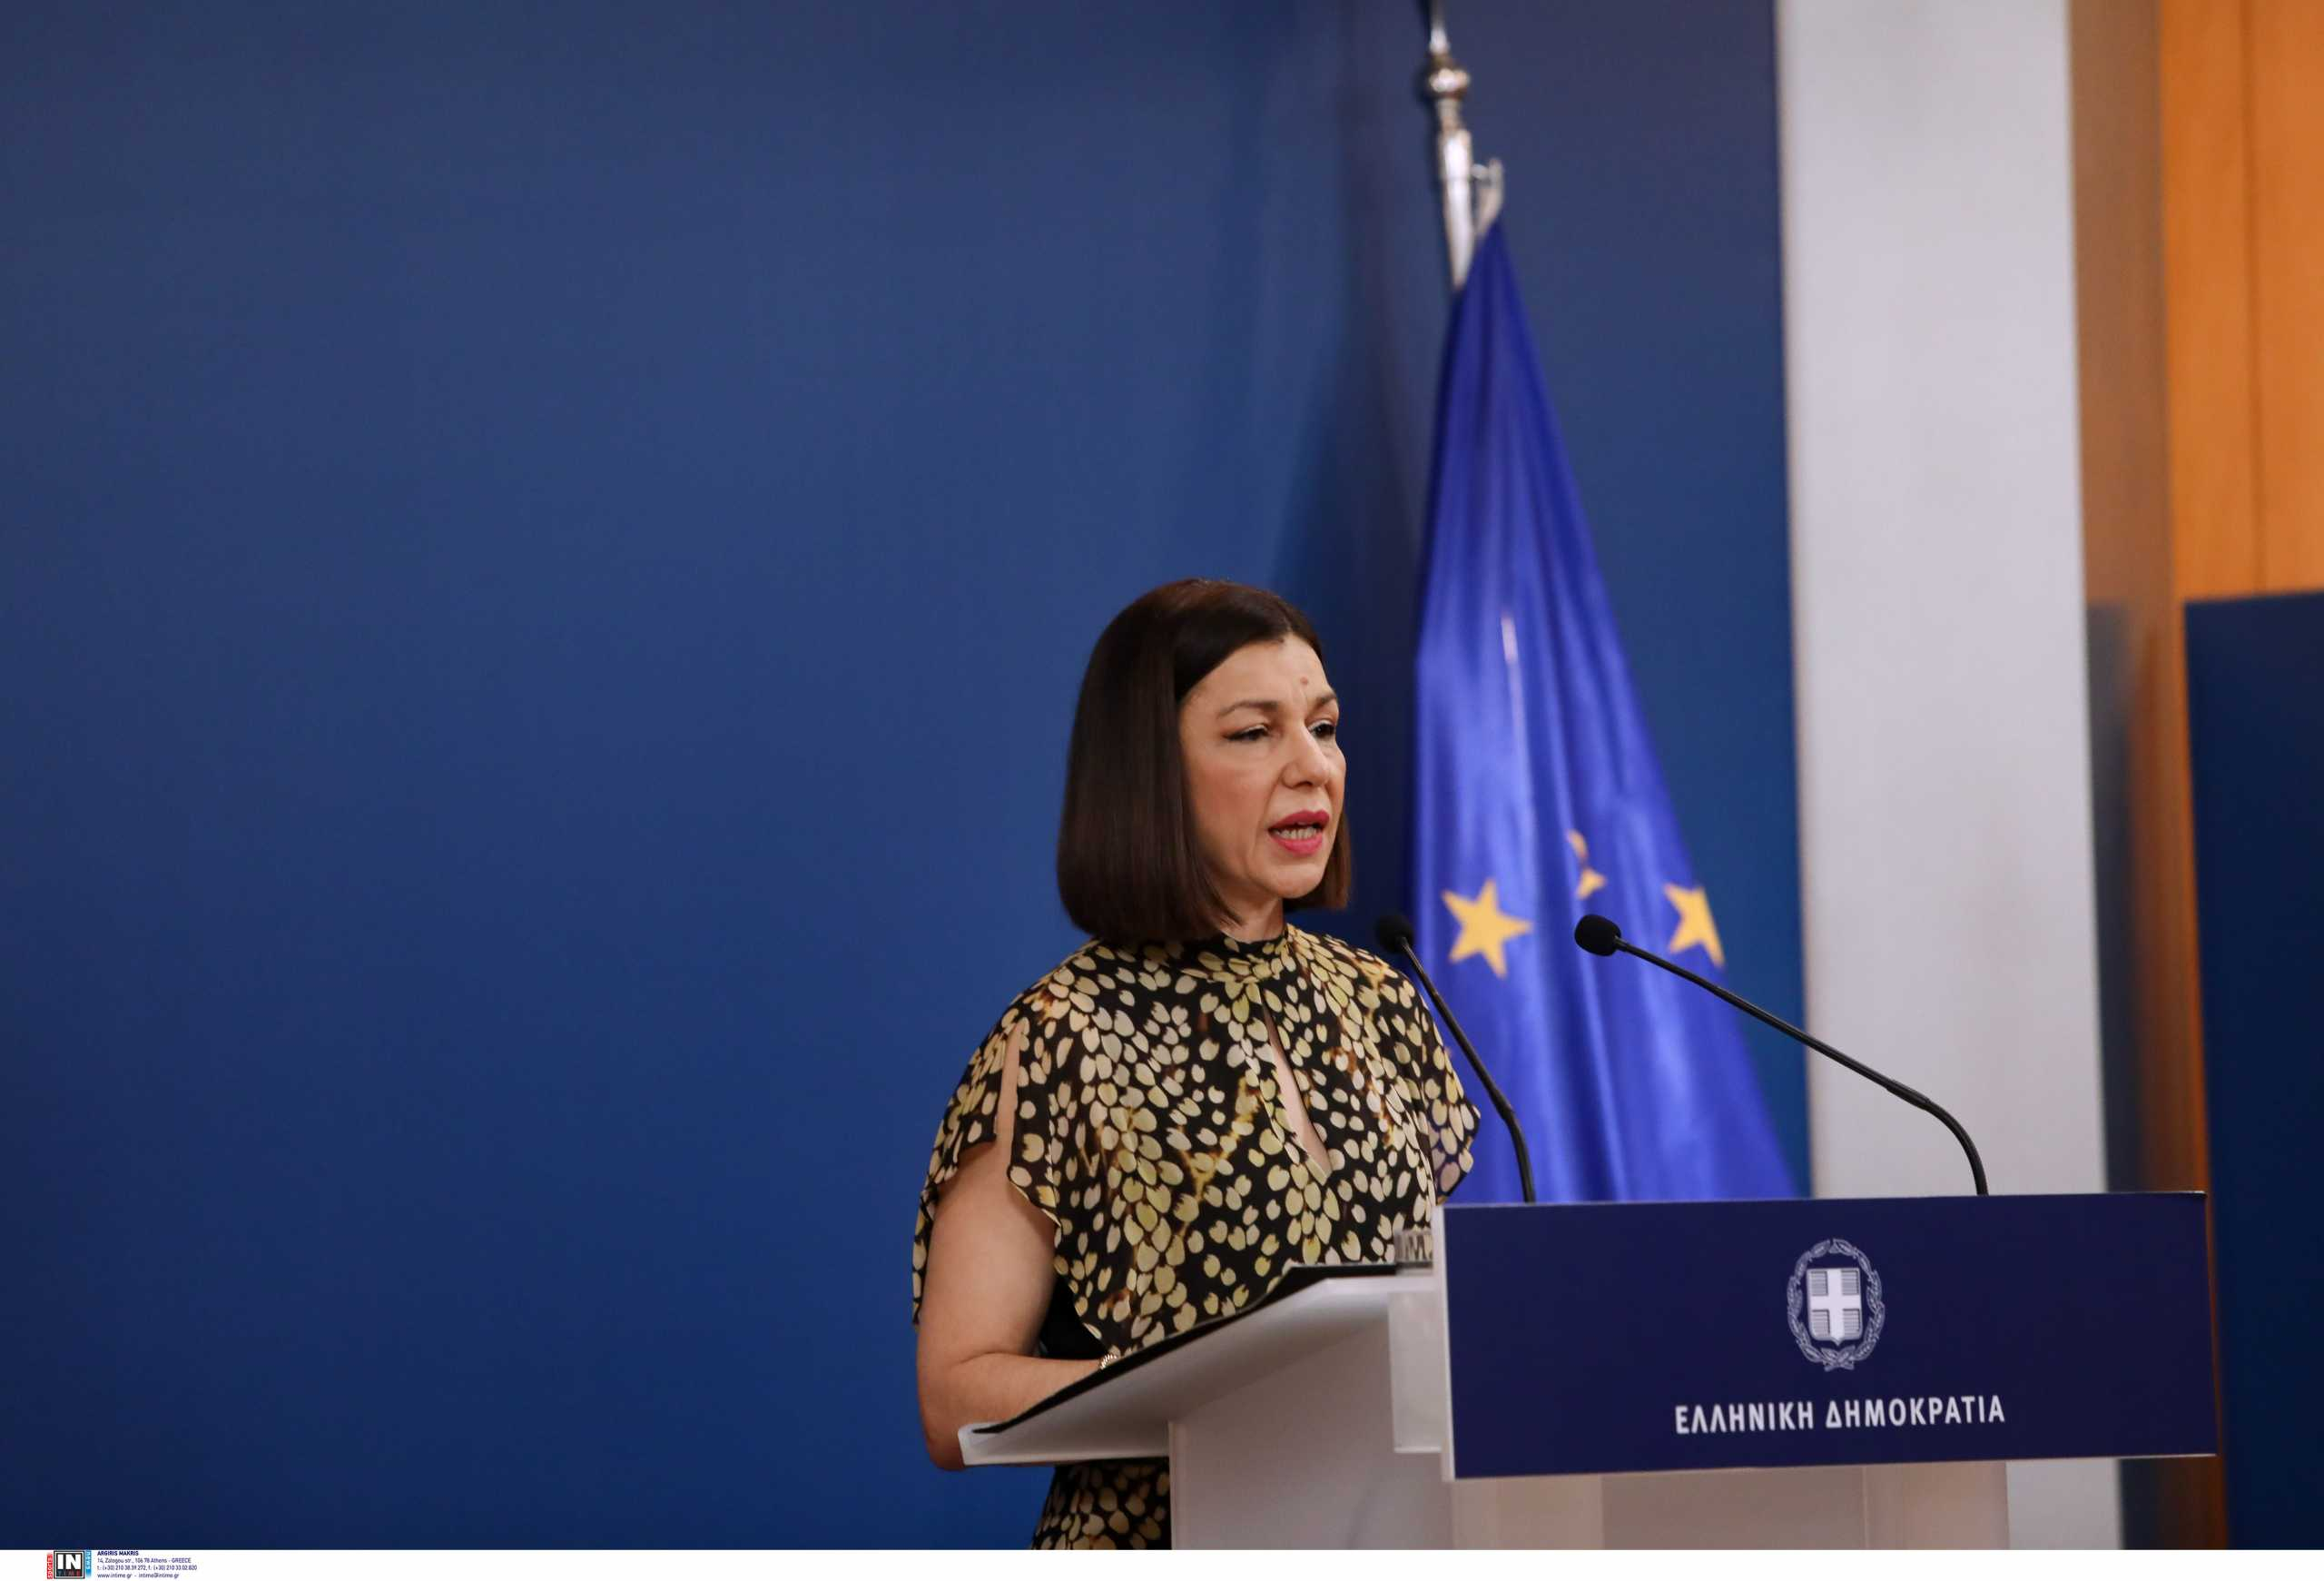 Πελώνη: Θα συνιστούσαμε στον κύριο Τσίπρα να μη μιλάει για διχασμό